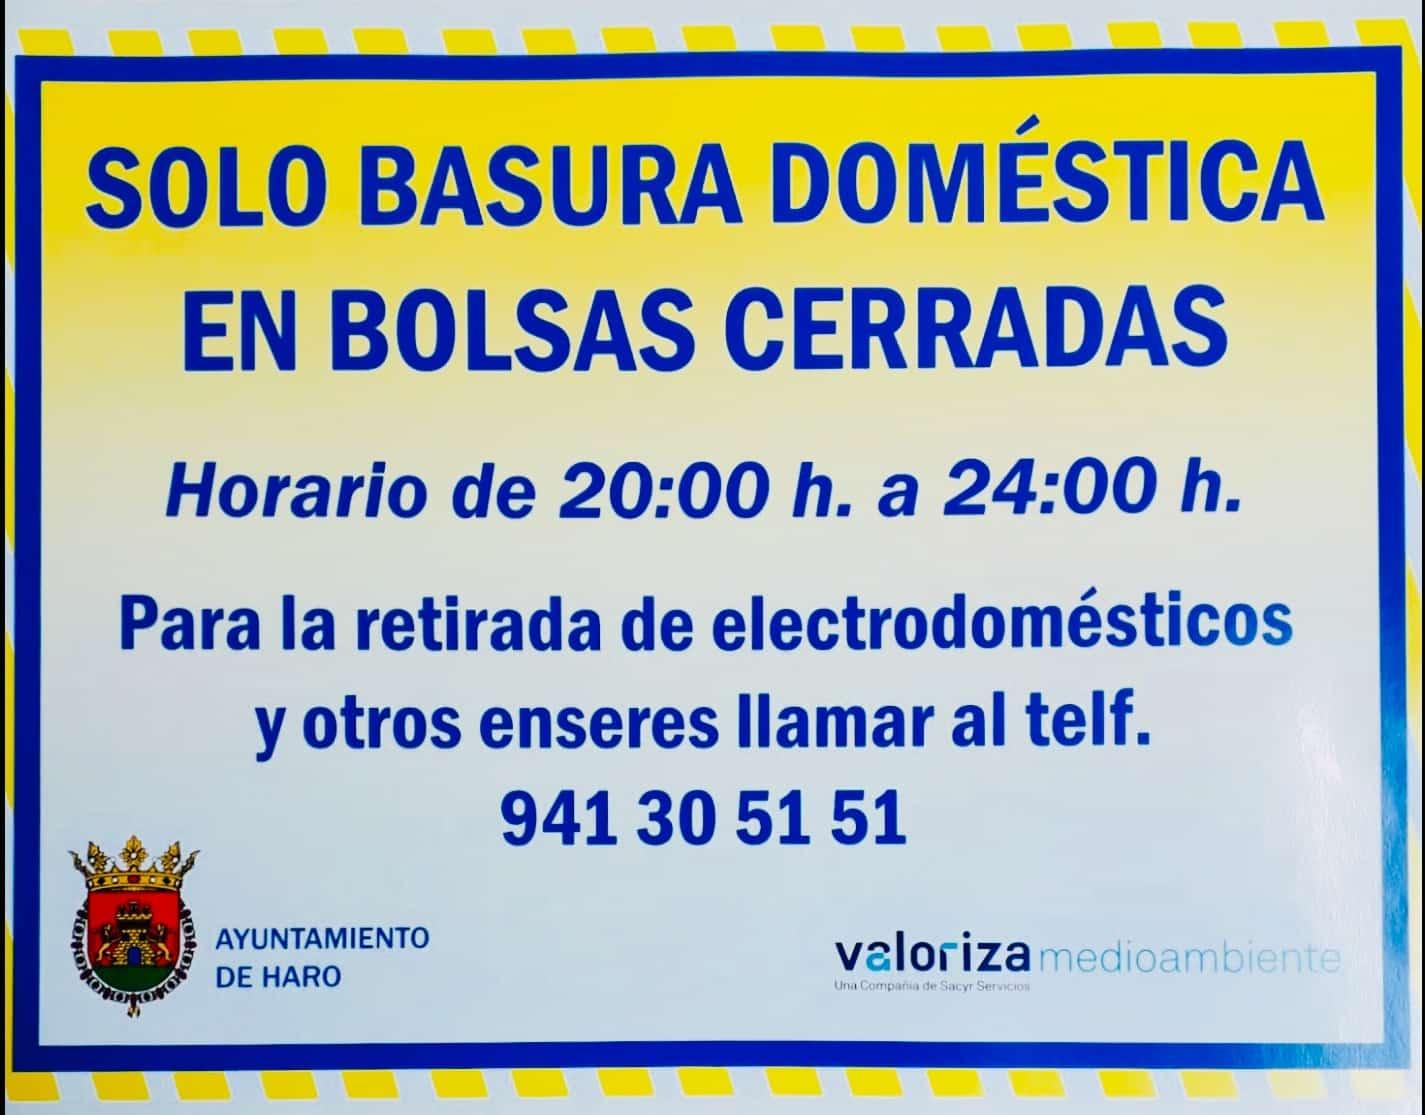 El Ayuntamiento de Haro recuerda la obligación de tirar la basura entre las 20:00 y las 00:00 horas 1